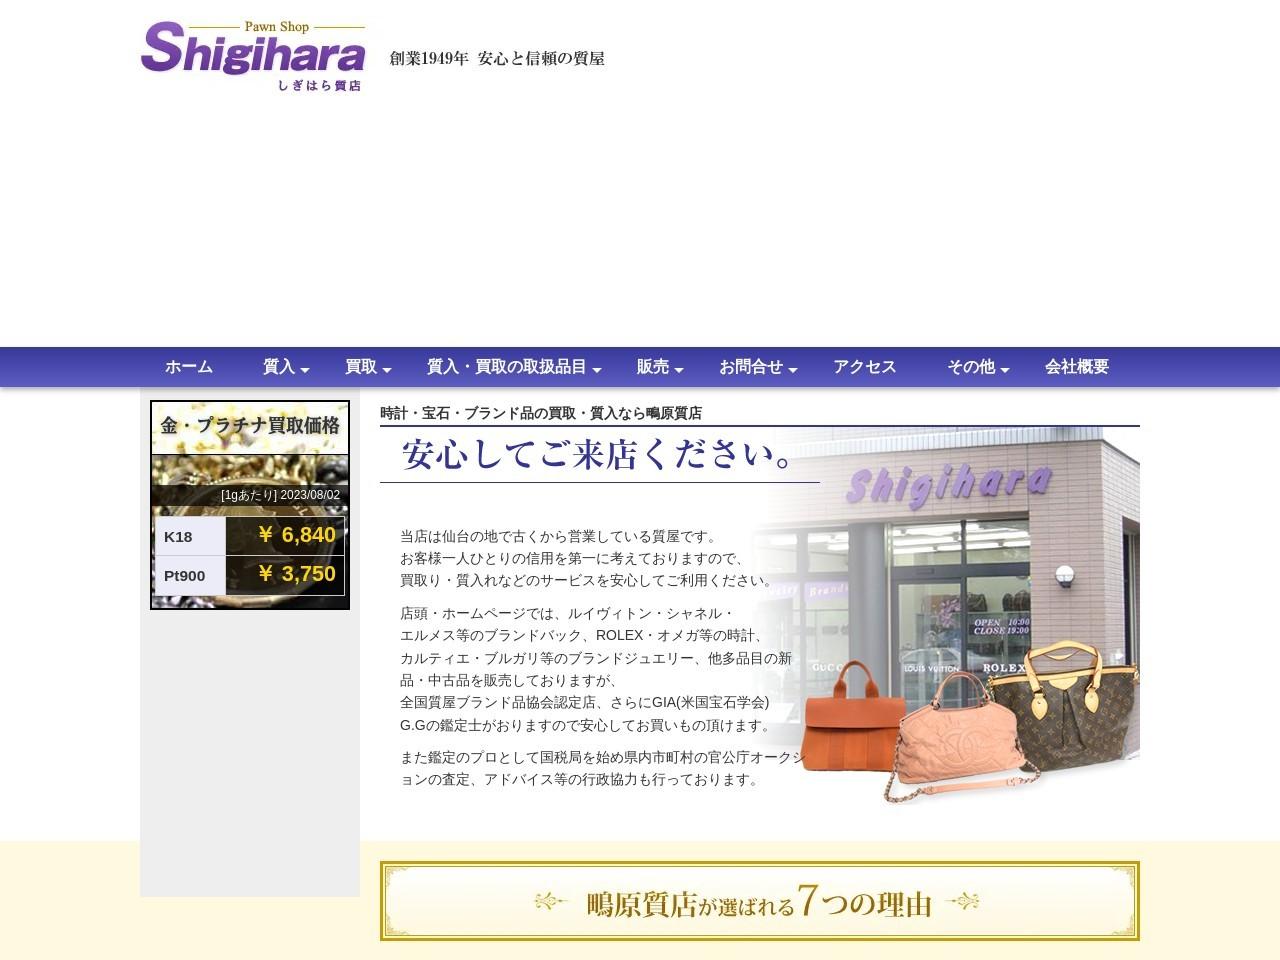 仙台の質屋 質入・買取・質流れ品販売の鴫原質店